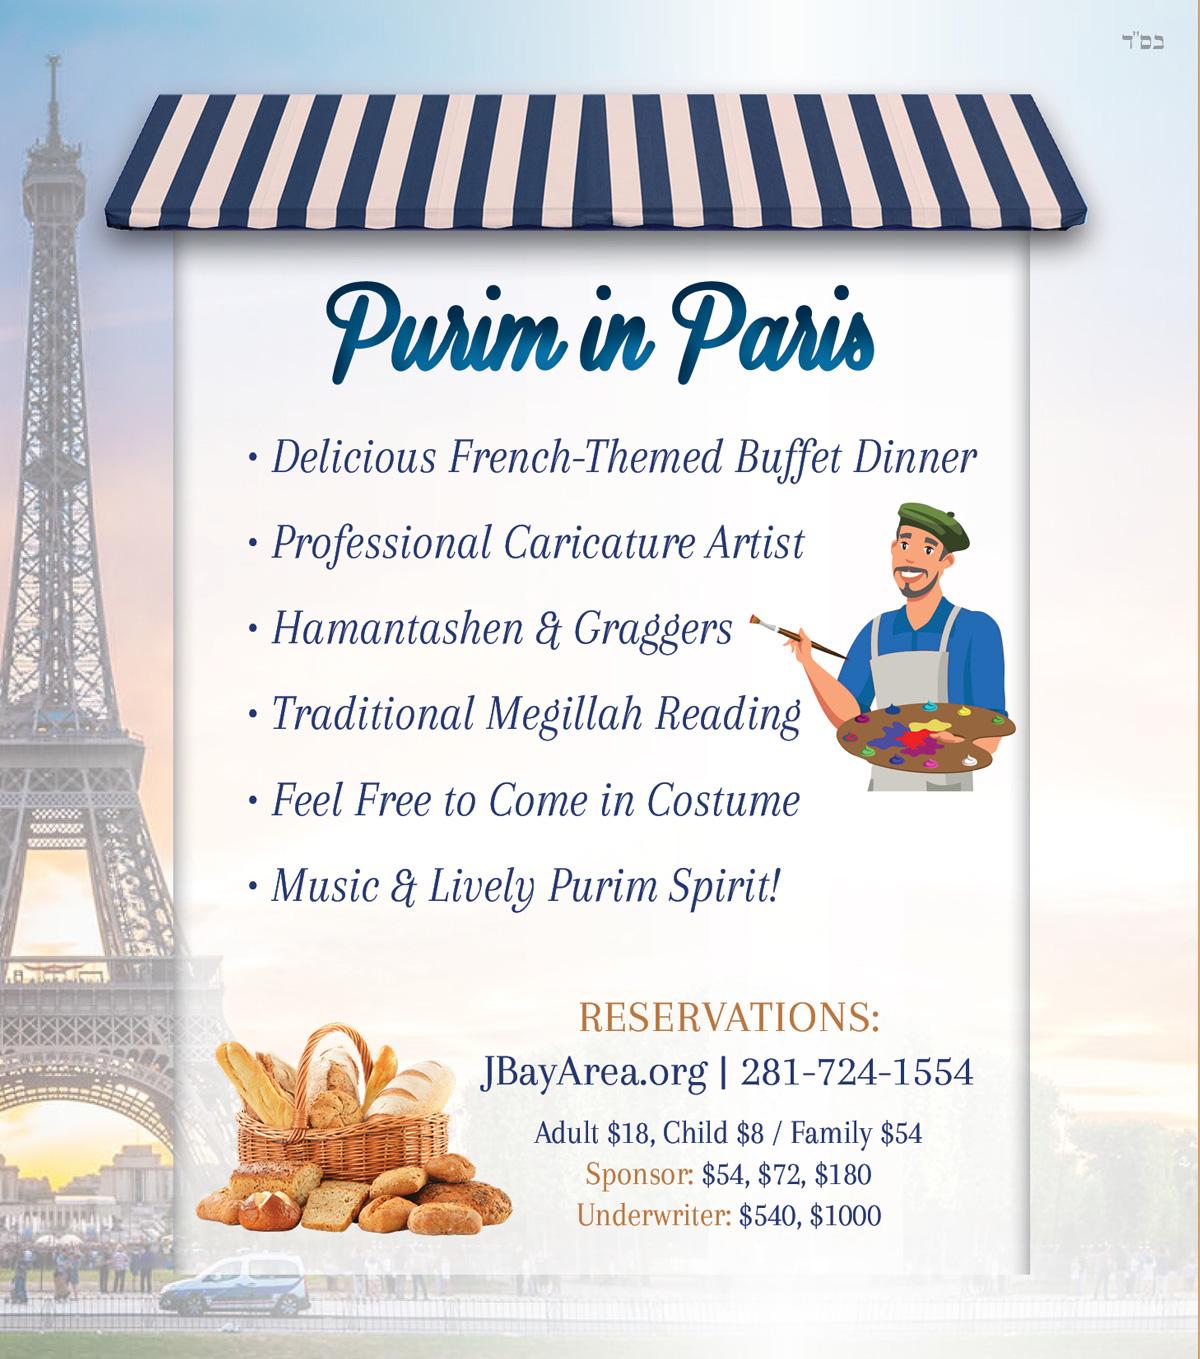 Purim-in-Paris-80-DETAILS-1200.jpg